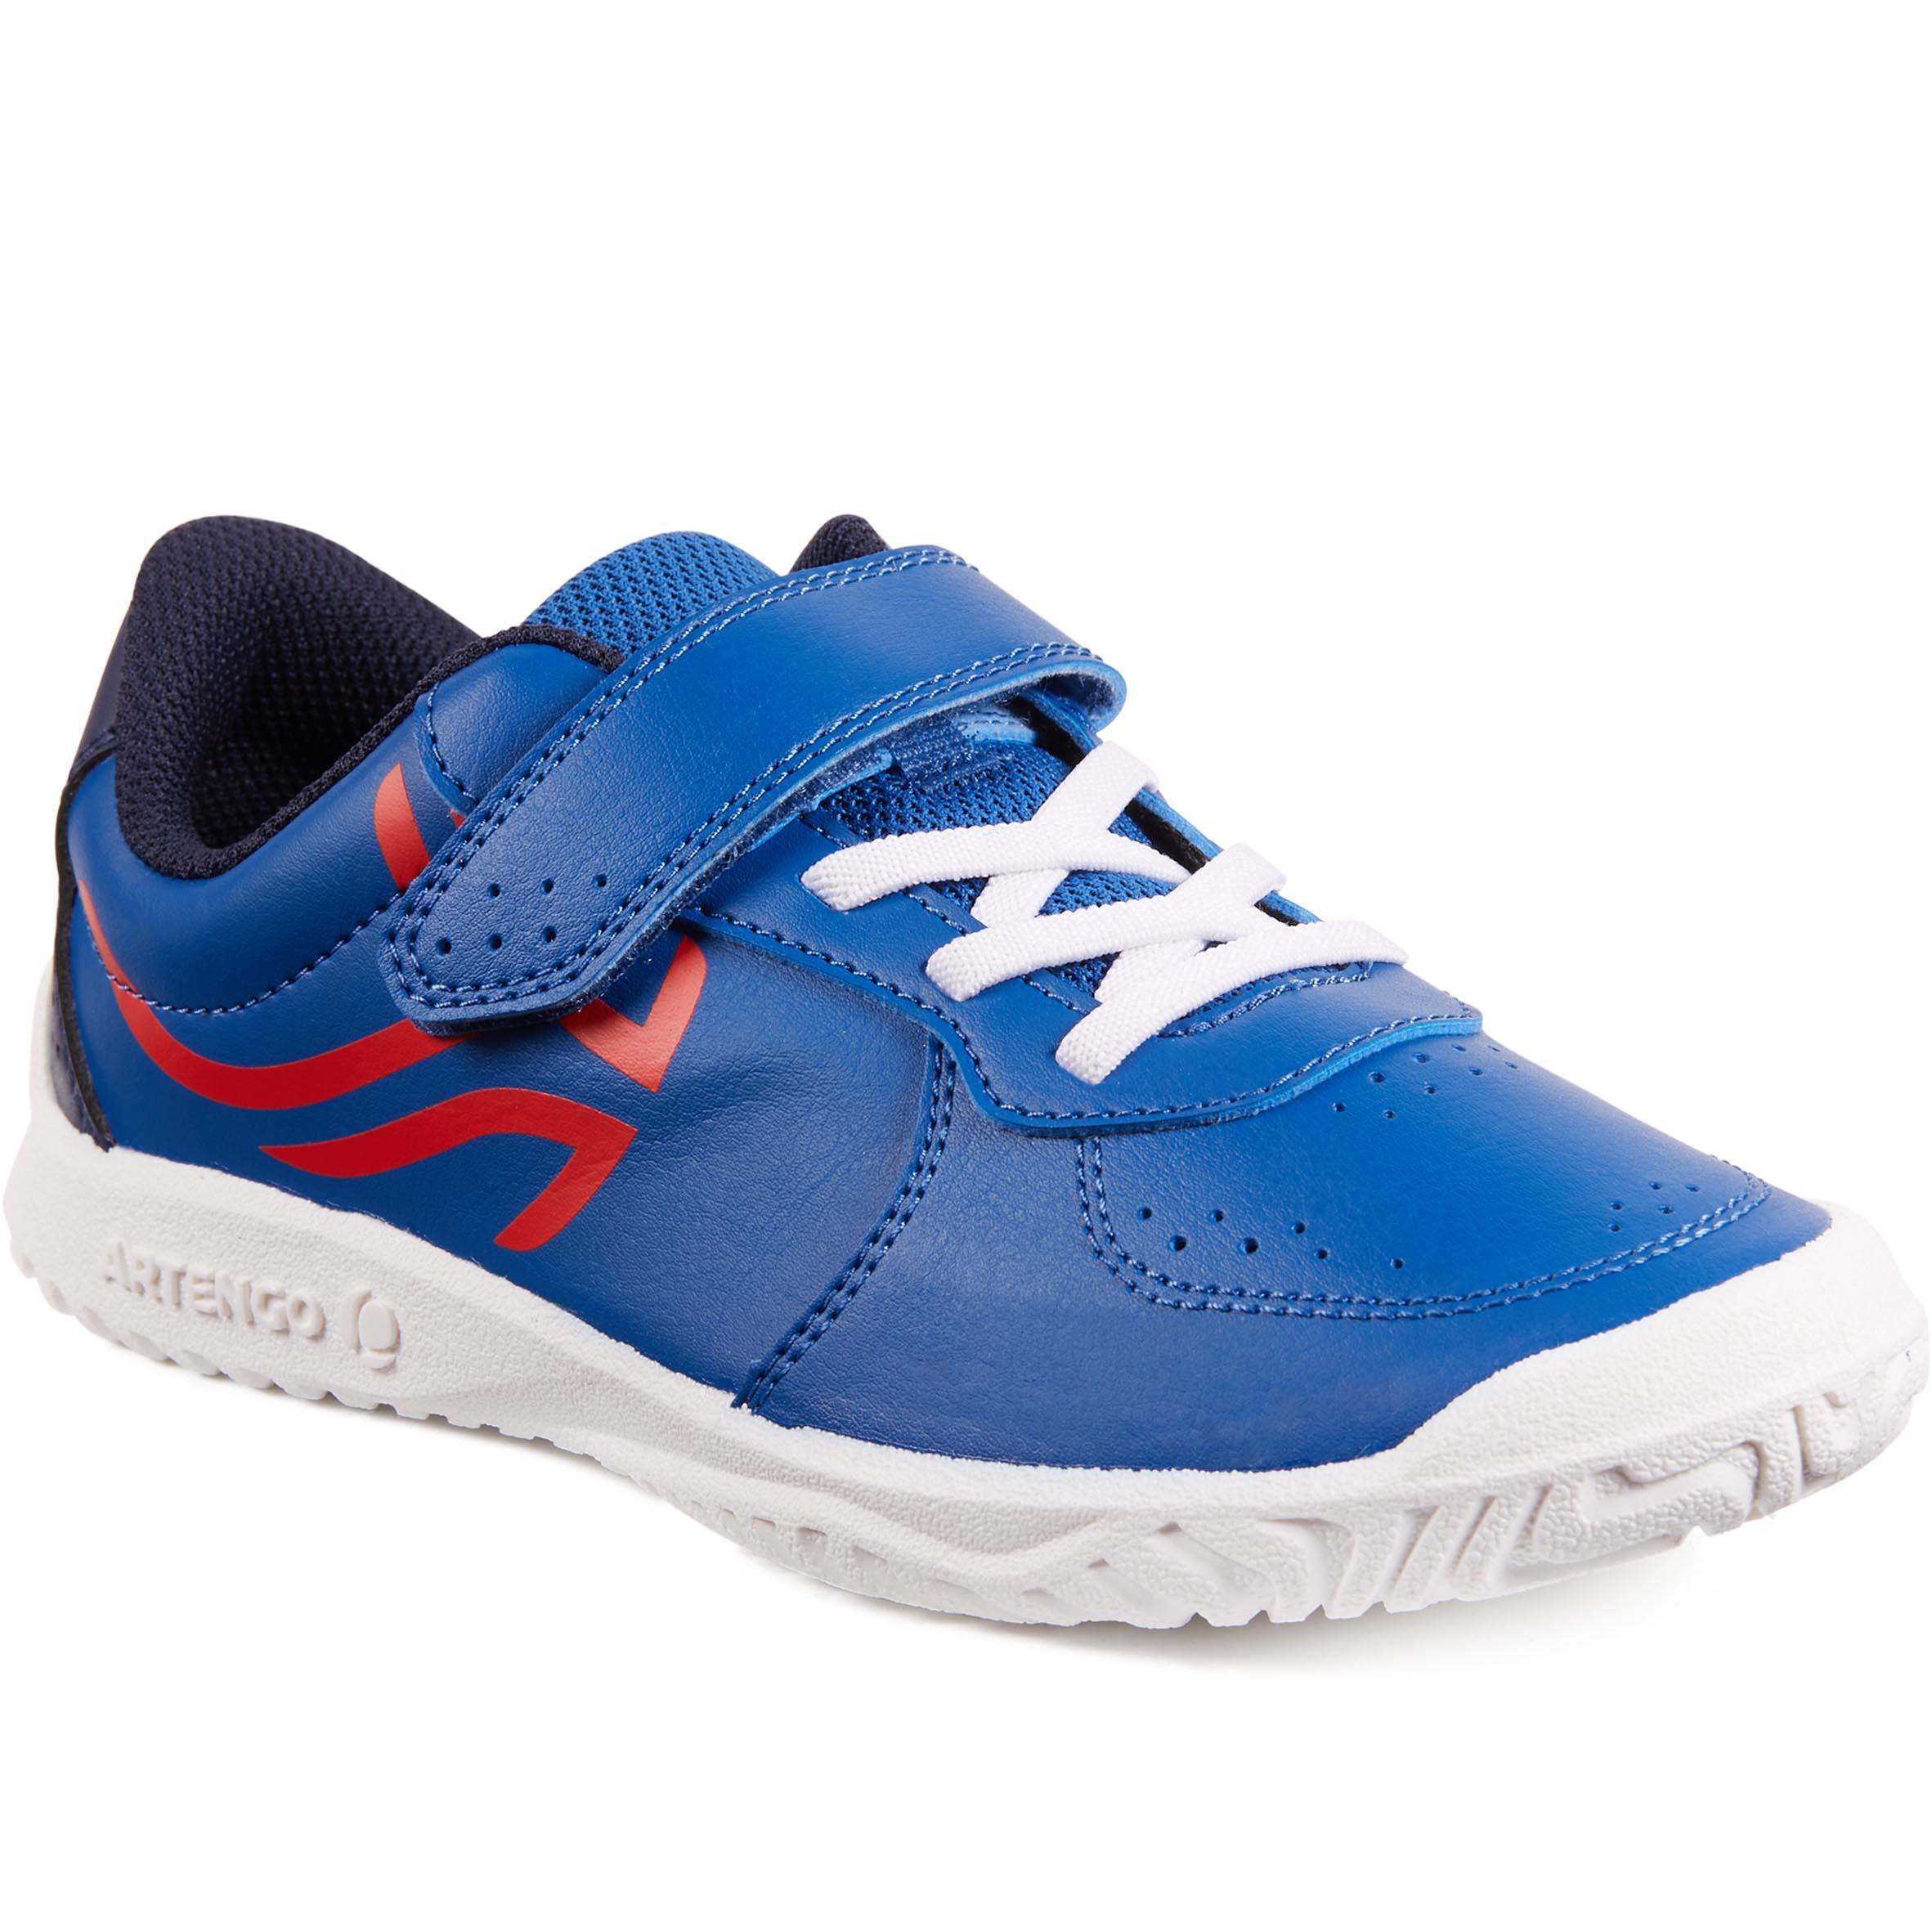 Artengo Tennisschoenen kinderen Artengo TS130 blauw/rood